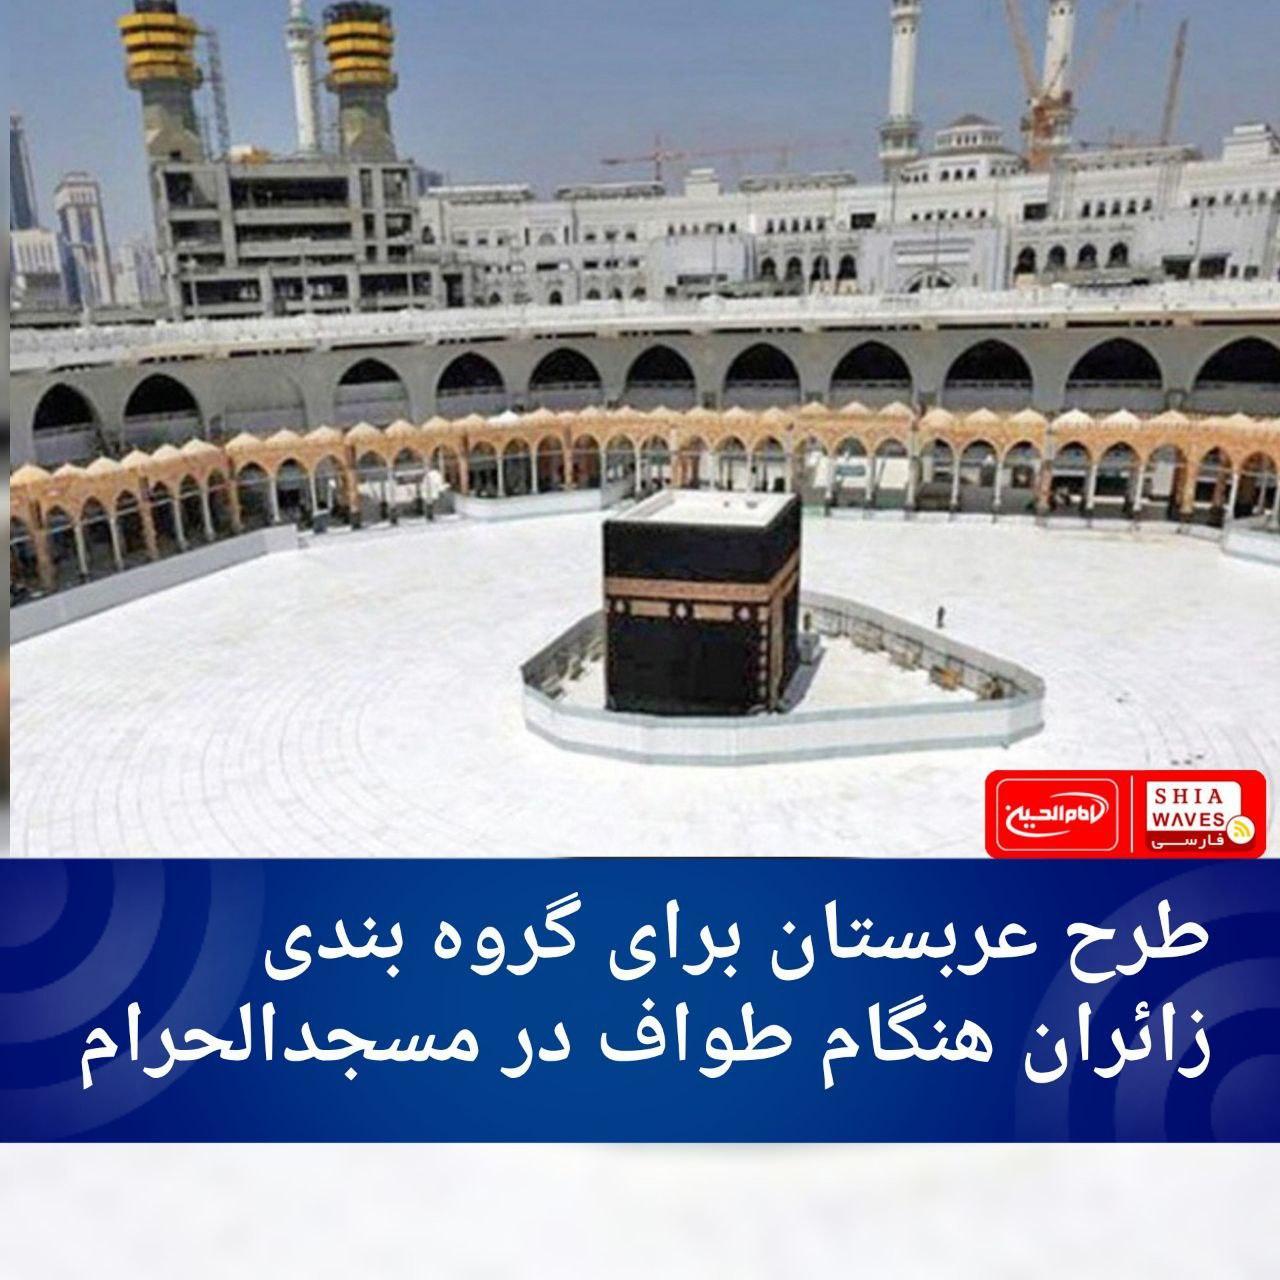 تصویر طرح عربستان برای گروه بندی زائران هنگام طواف در مسجدالحرام